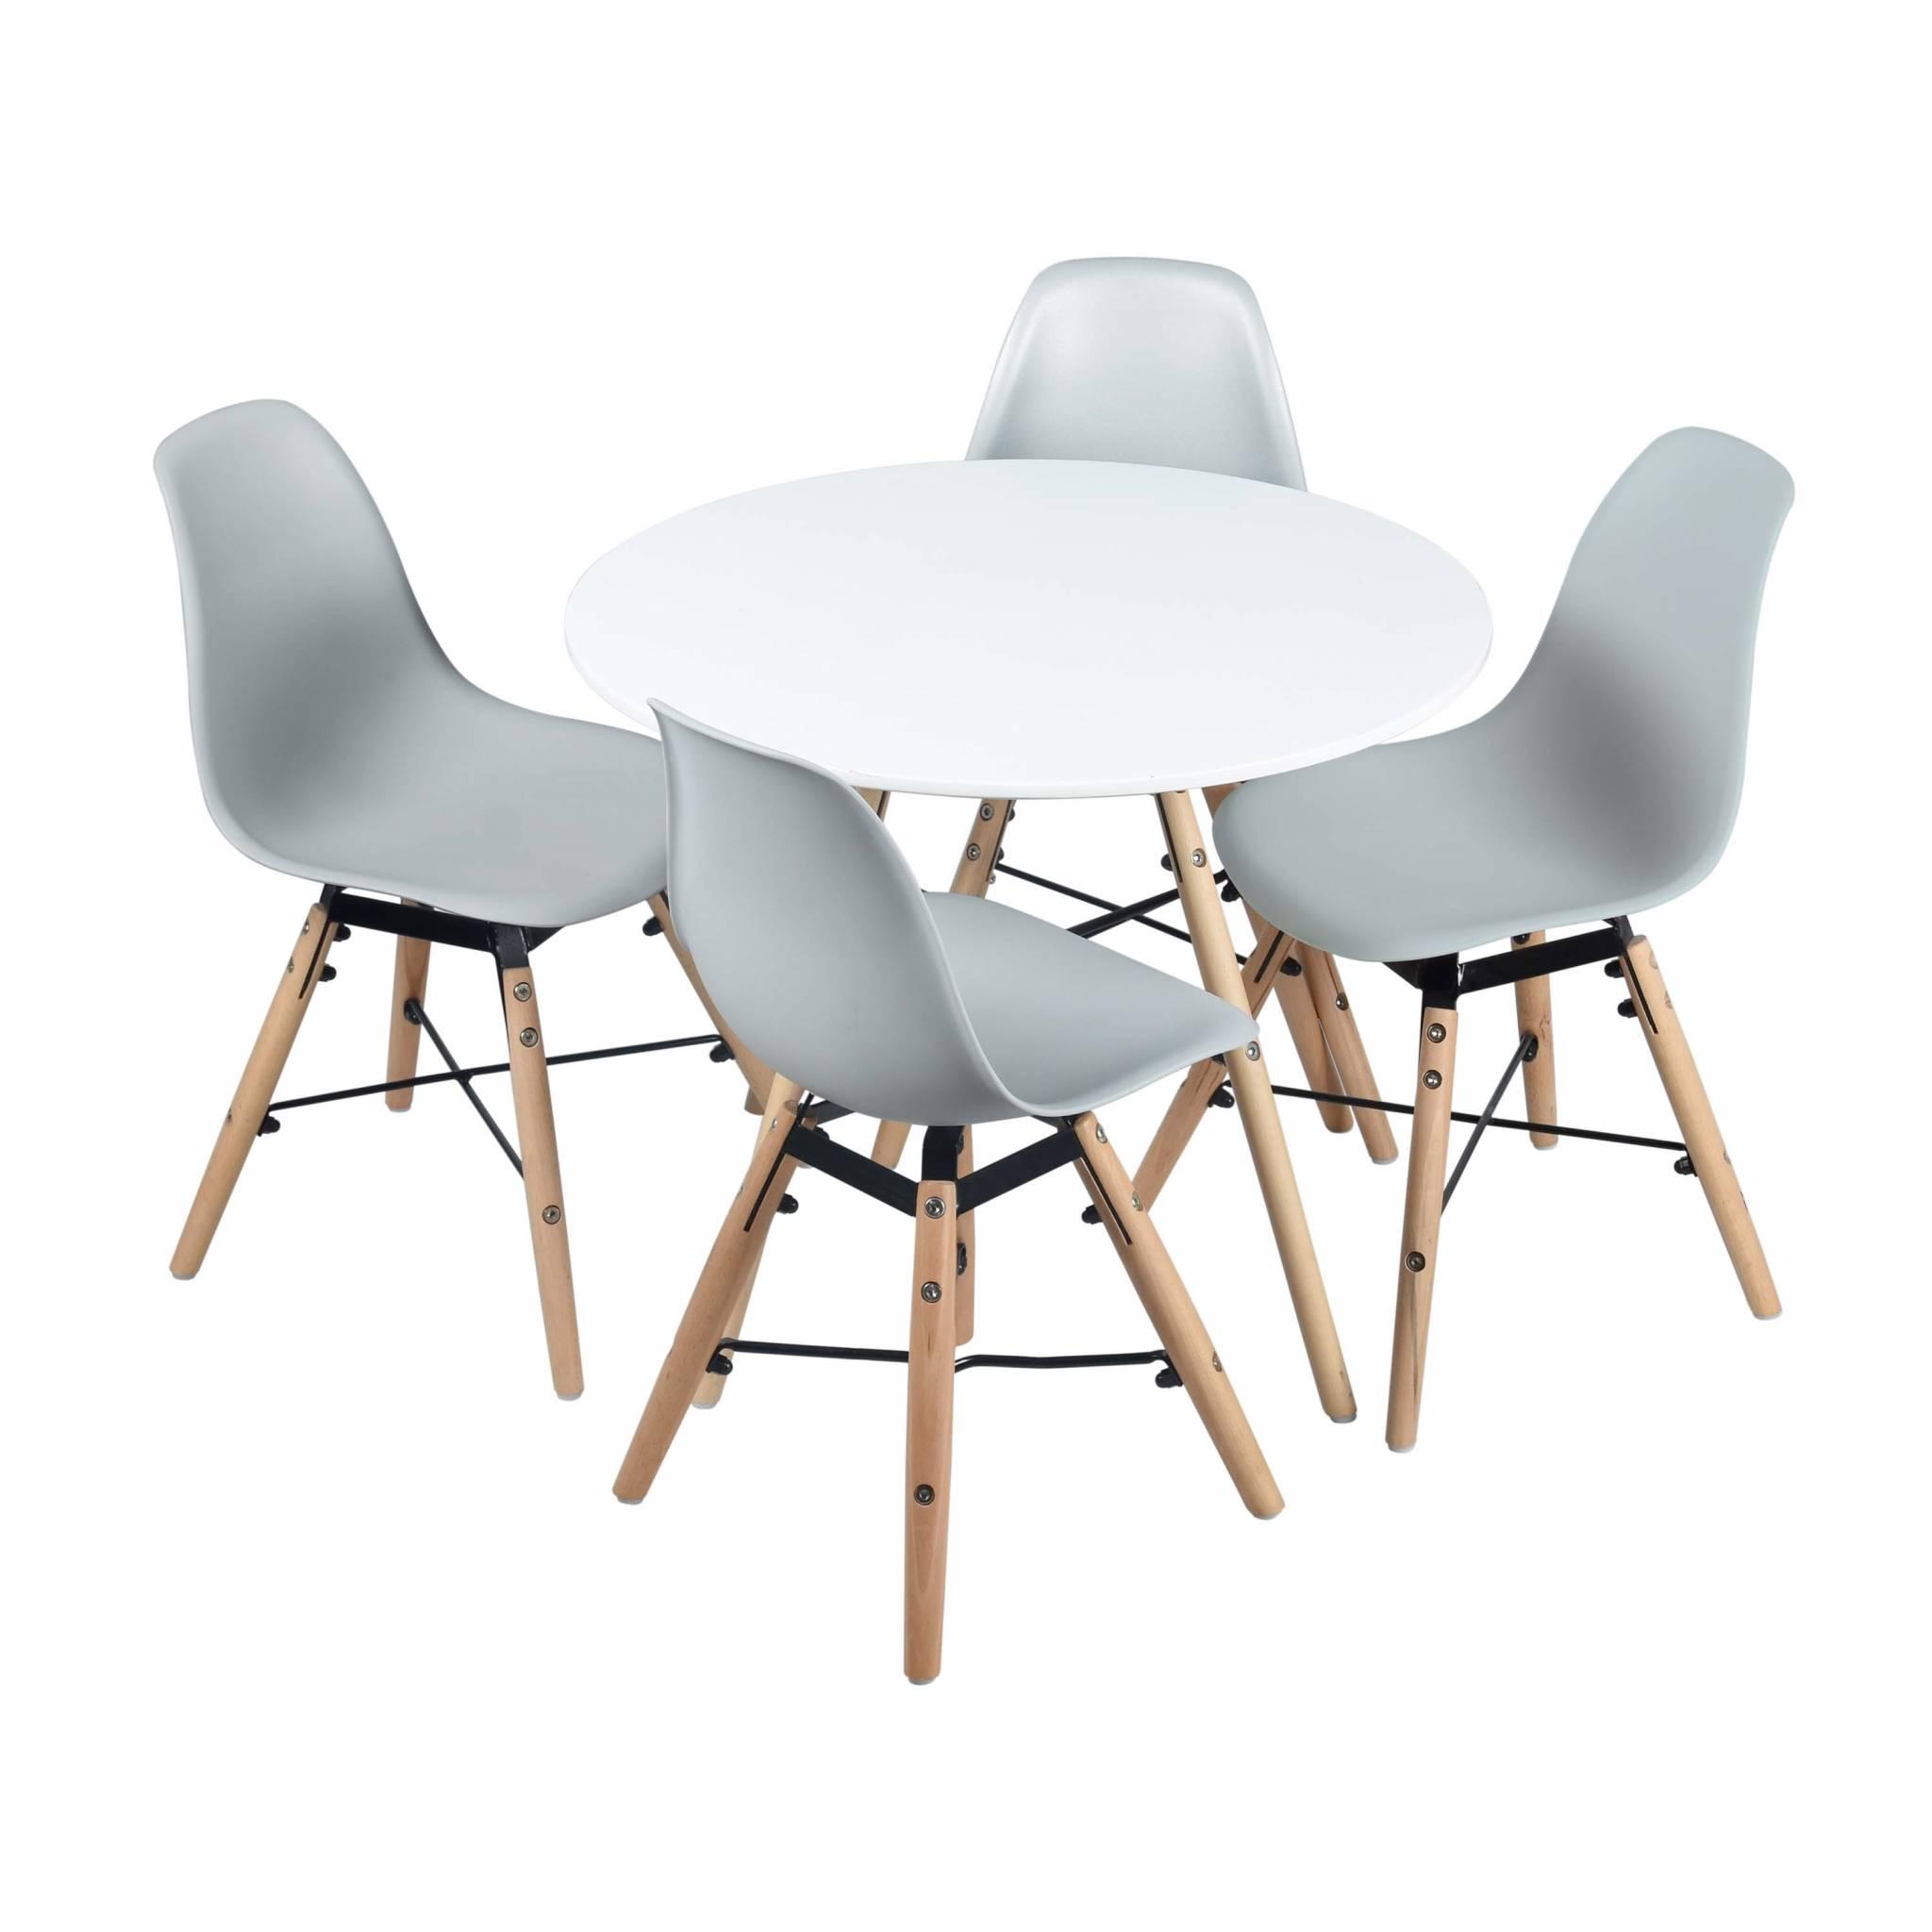 Table ronde et lot de 4 chaises grises pour enfant